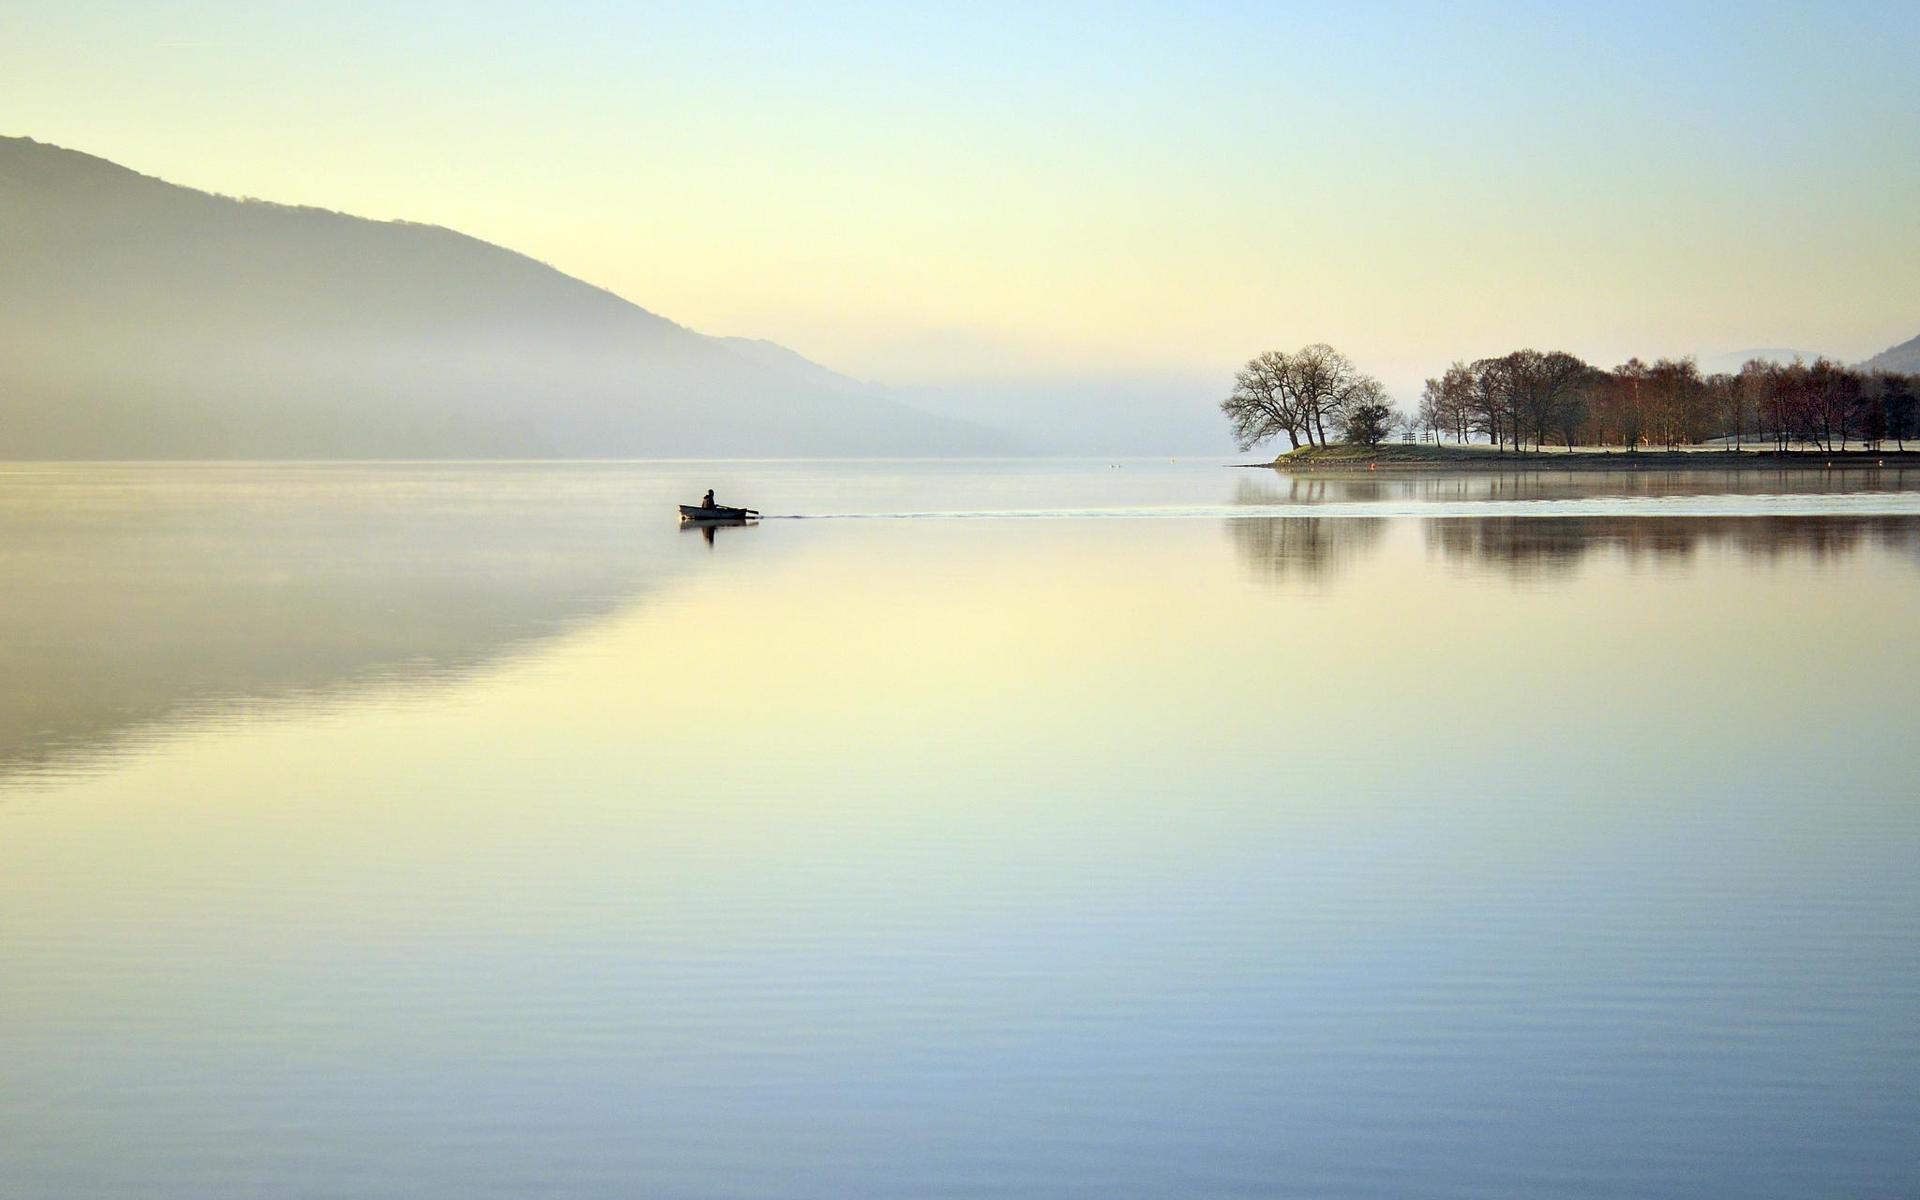 29806 скачать обои Лодки, Пейзаж, Река - заставки и картинки бесплатно